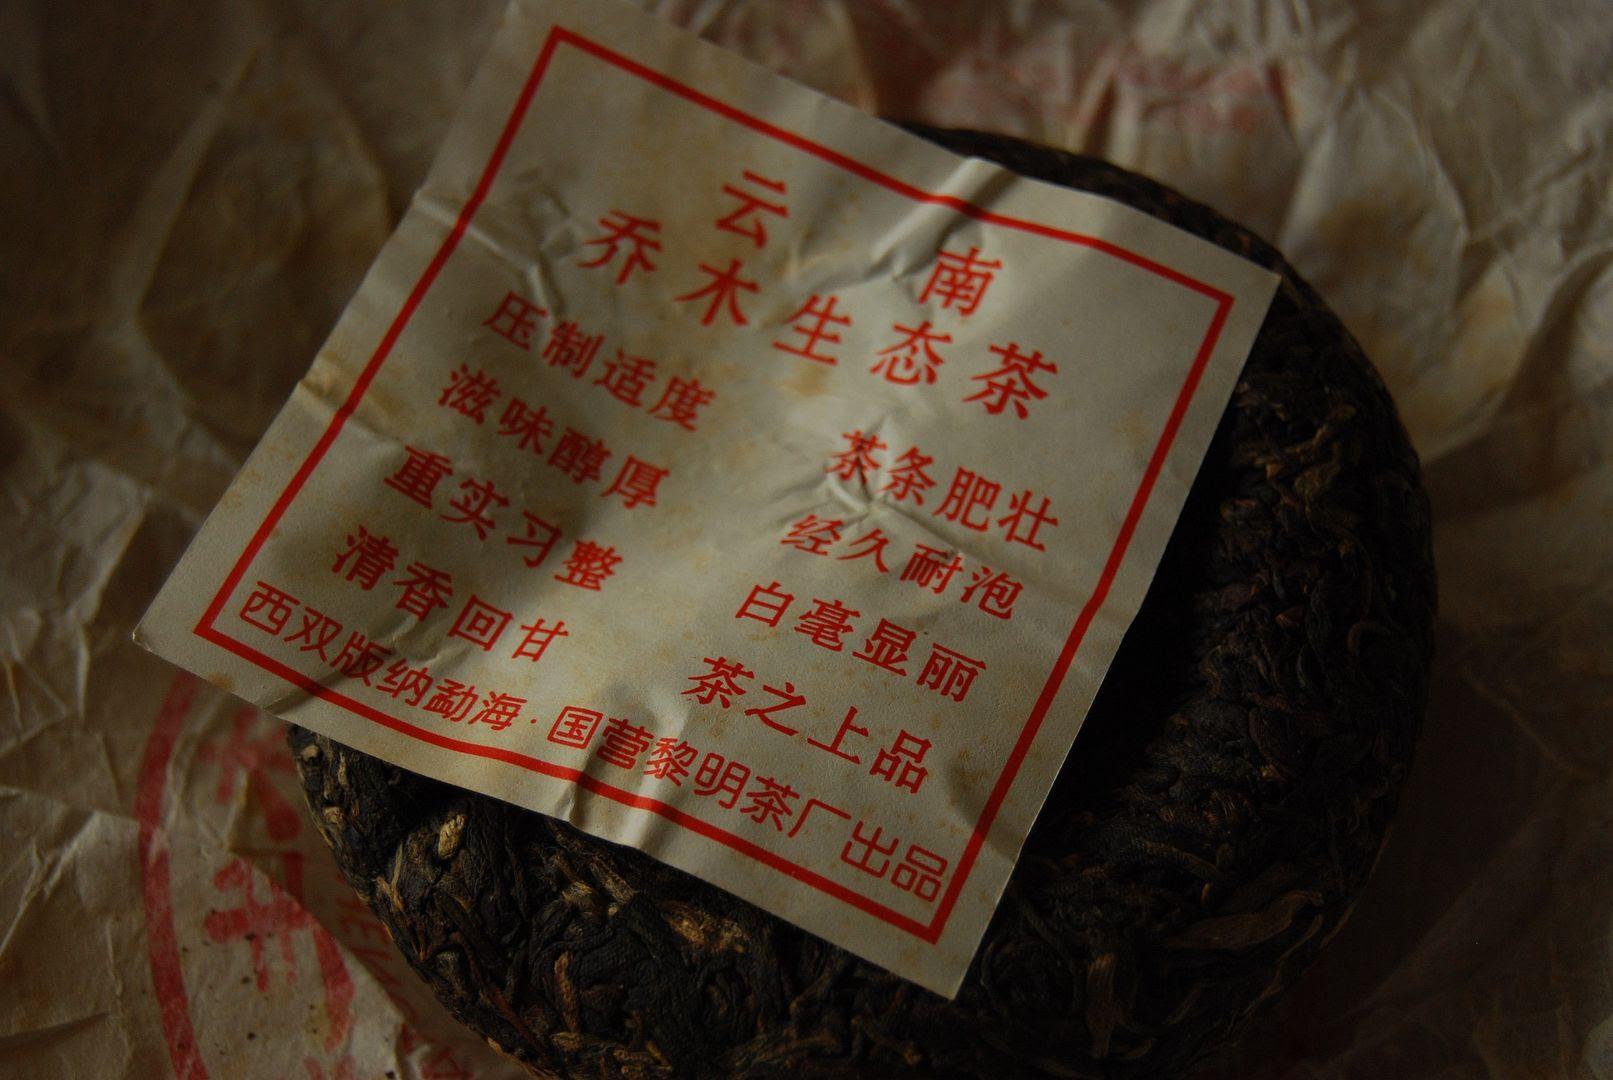 2006 Liming Tuowang